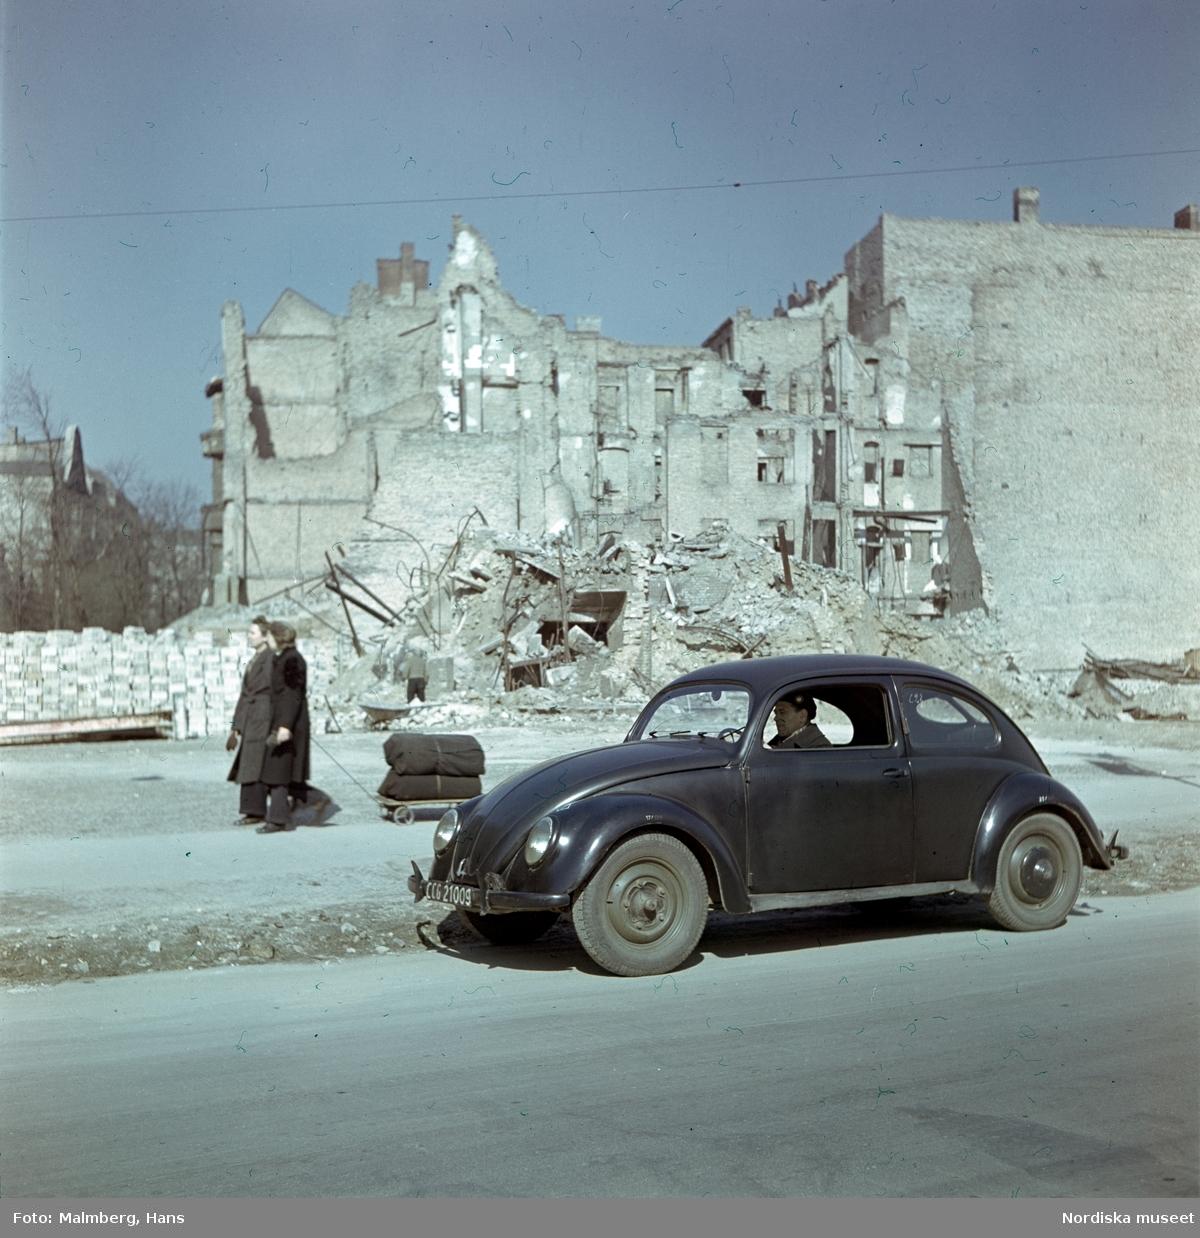 Berlin. En soldat ur de brittiska ockupationstrupperna kör en Volkswagen. I bakgrunden husruiner och två kvinnor med en kärra.